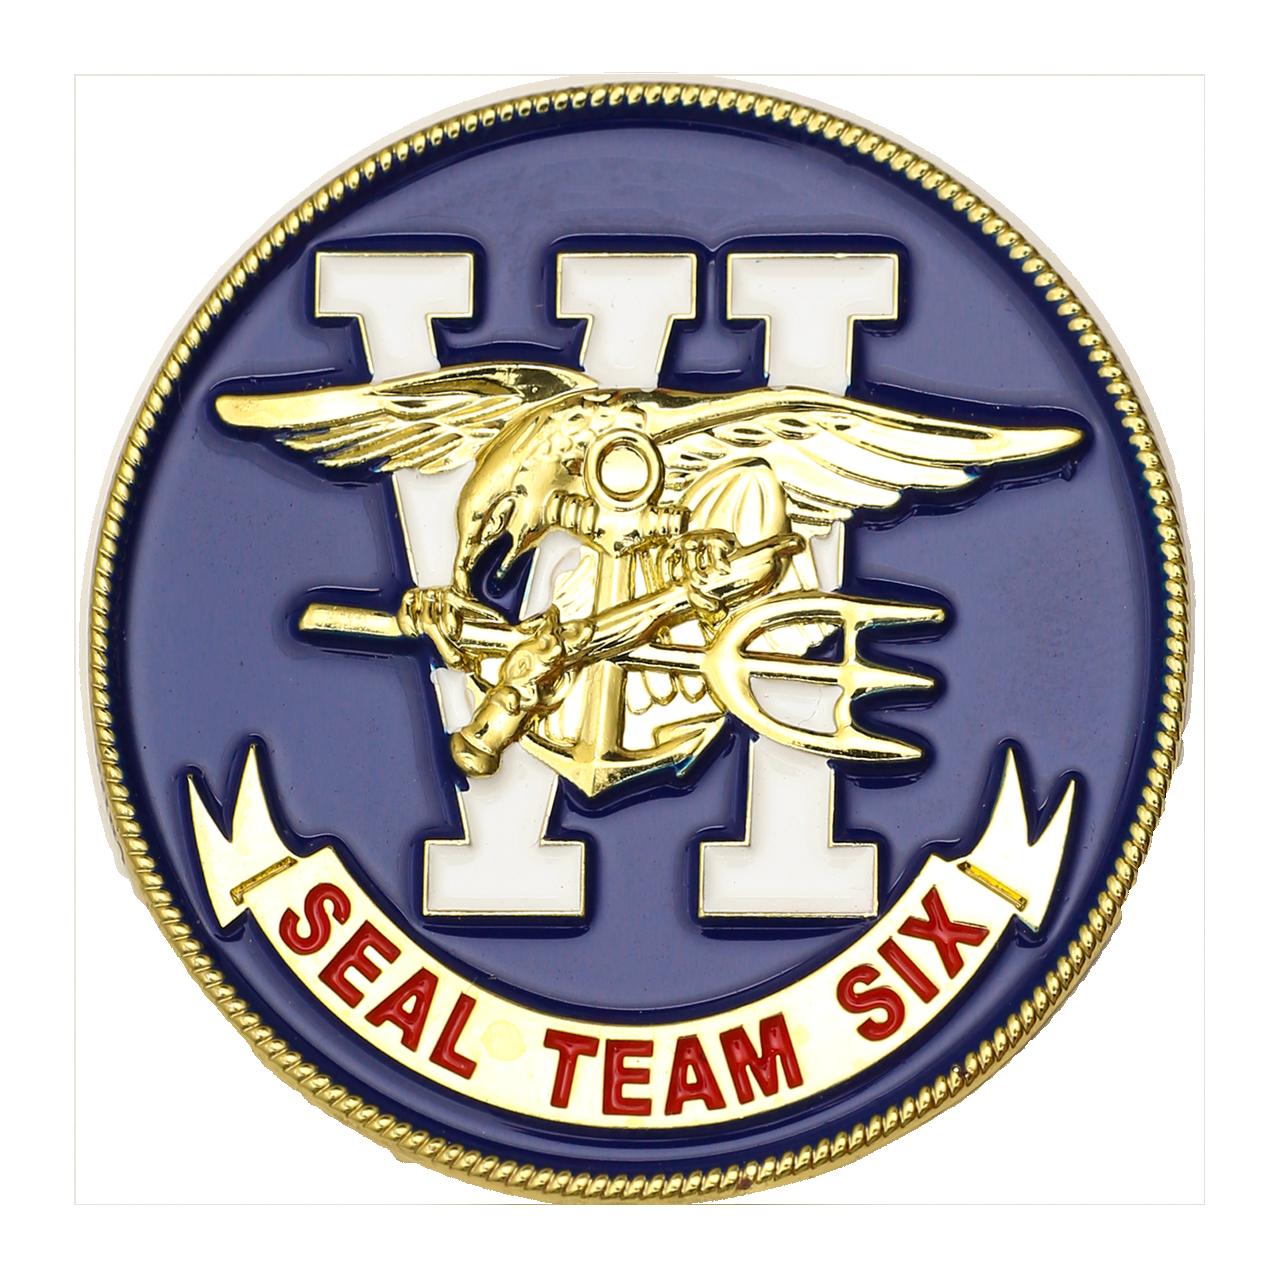 U S  Navy SEAL Team VI Challenge Coin